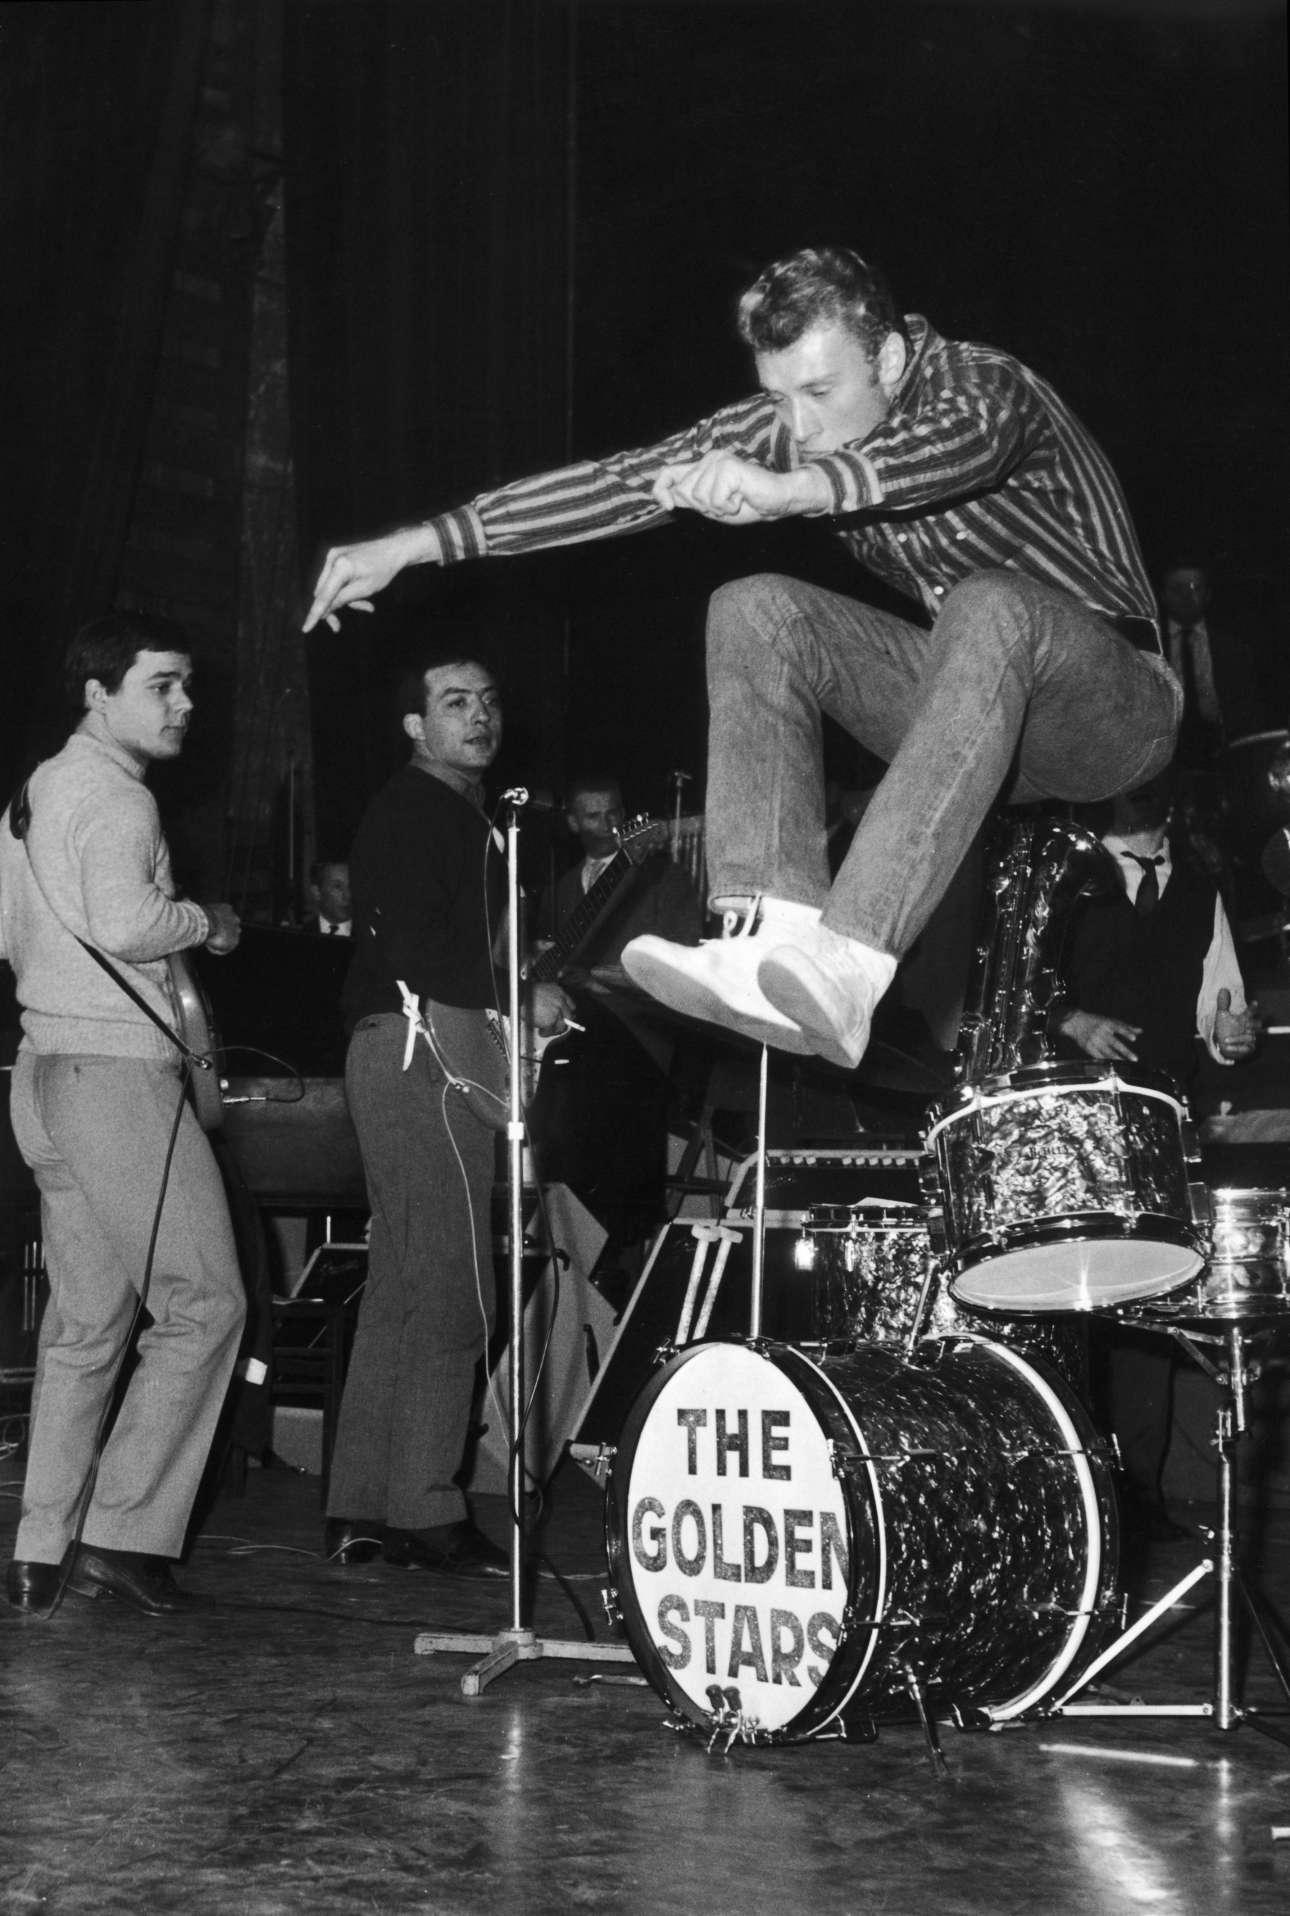 Σε πρόβα της μπάντας του «The Golden Stars» στο Παρίσι, το 1962